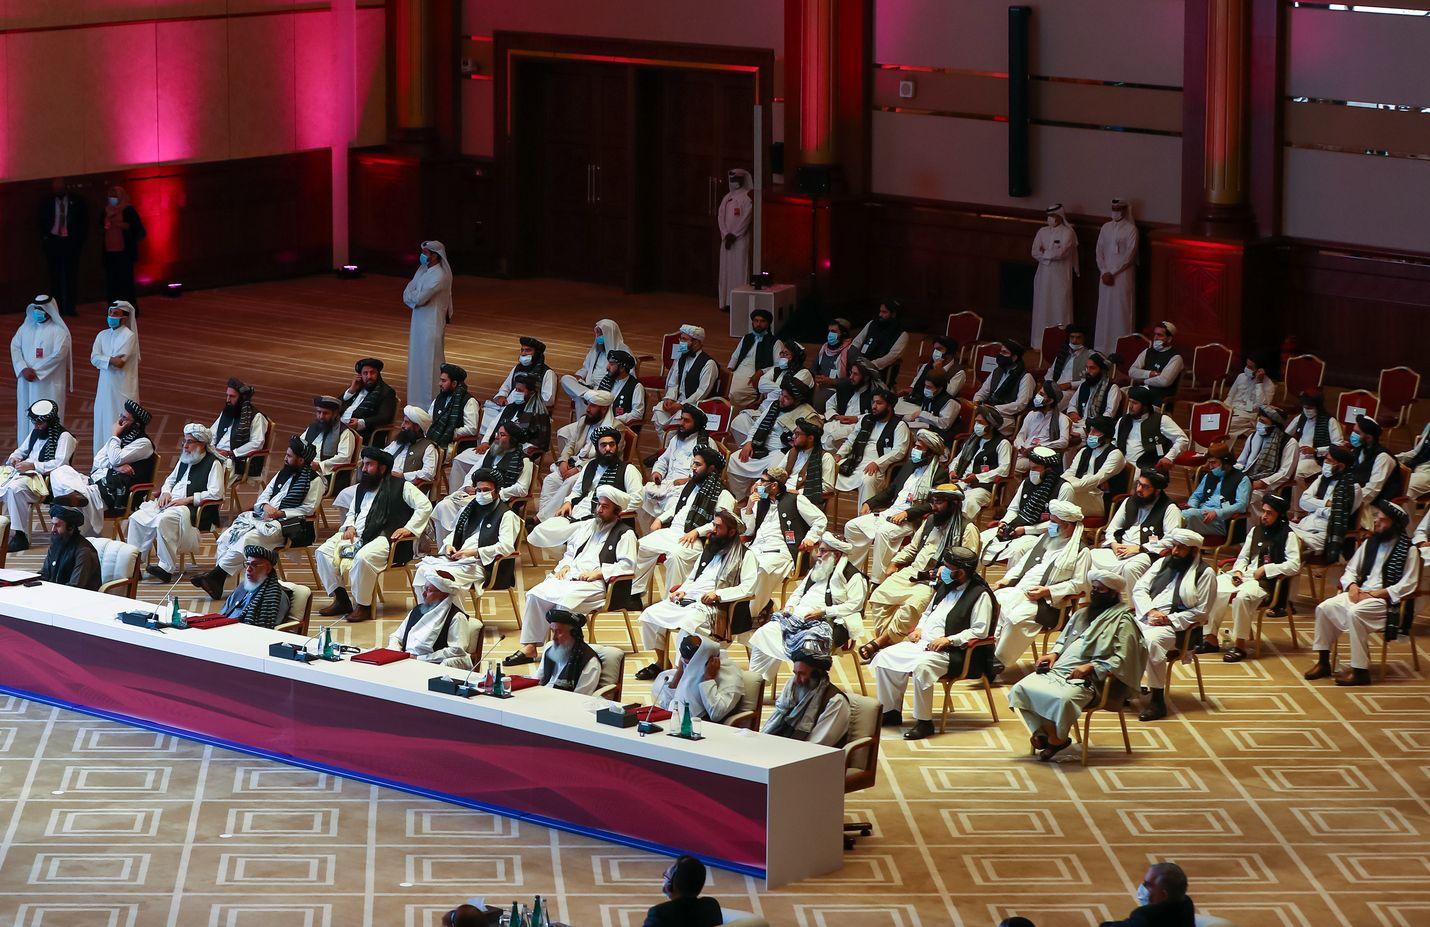 Talibanin ja Afganistanin hallituksen edustajat kokoontuivat rauhanneuvottelujen avajaistilaisuuteen lauantaina 12. syyskuuta Qatarin pääkaupungissa Dohassa.